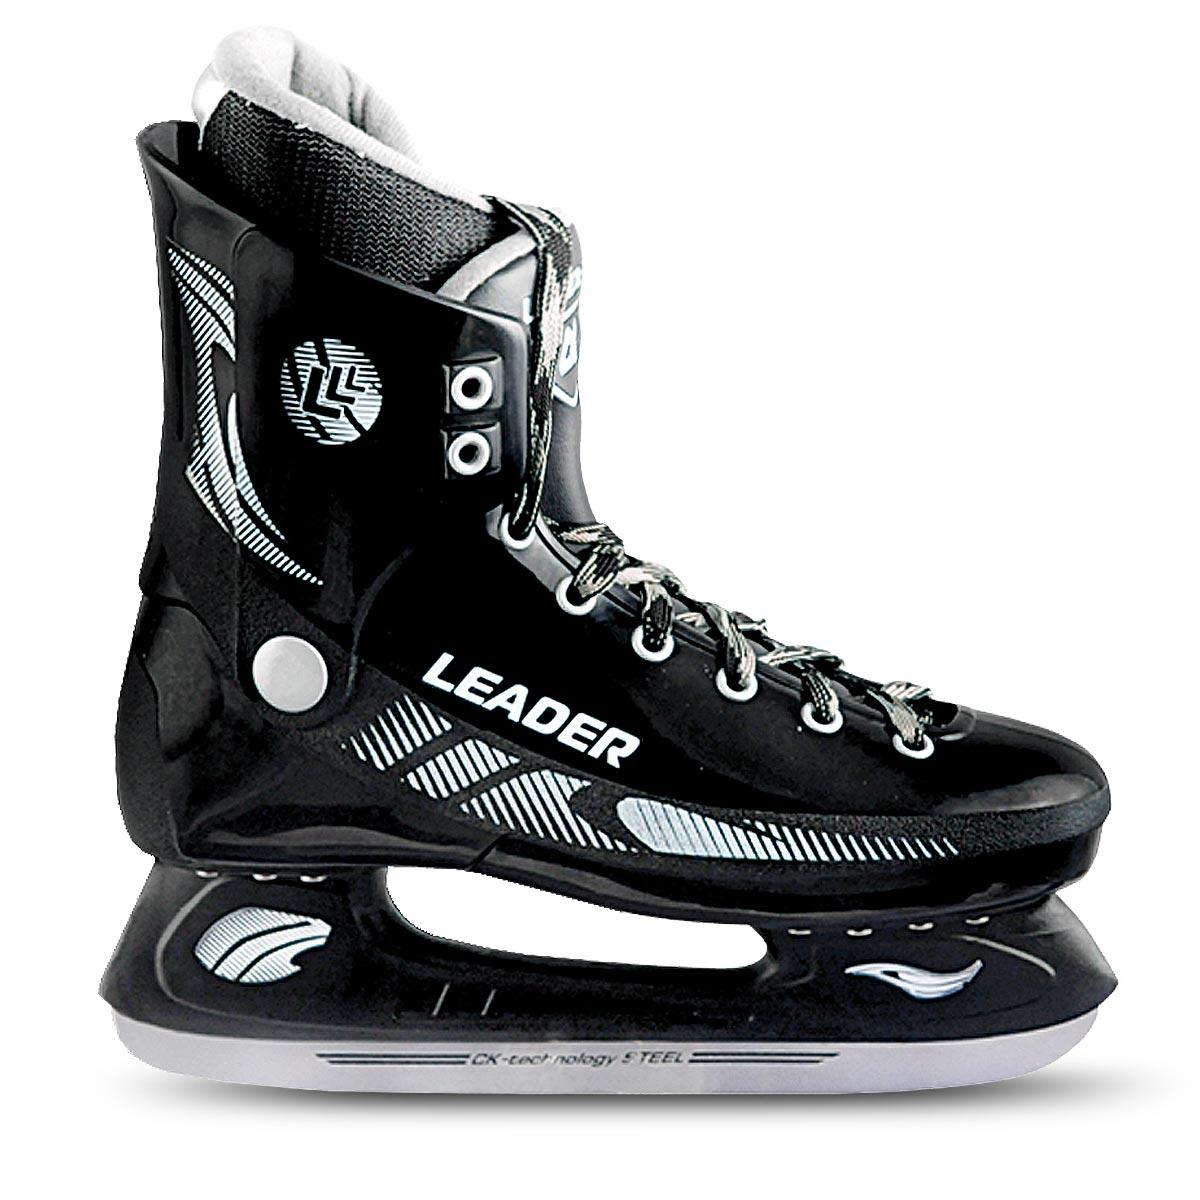 Коньки хоккейные мужские CK Leader, цвет: черный. Размер 39LEADER_черный_39Стильные коньки от CK Master Leader с ударопрочной защитной конструкцией отлично подойдут для начинающих обучаться катанию. Ботинки изготовлены из морозостойкого полимера, который защитит ноги от ударов. Верх изделия оформлен классической шнуровкой, надежно фиксирующей голеностоп. Сапожок, выполненный из комбинации капровелюра и искусственной кожи, оформлен принтом и тиснением в виде логотипа бренда. Внутренняя поверхность, дополненная утеплителем, и стелька исполнены из текстиля. Фигурное лезвие изготовлено из легированной стали со специальным покрытием, придающим дополнительную прочность.Усиленная двухстаканная рама декорирована с одной из боковых сторон оригинальным принтом. Стильные коньки придутся вам по душе.